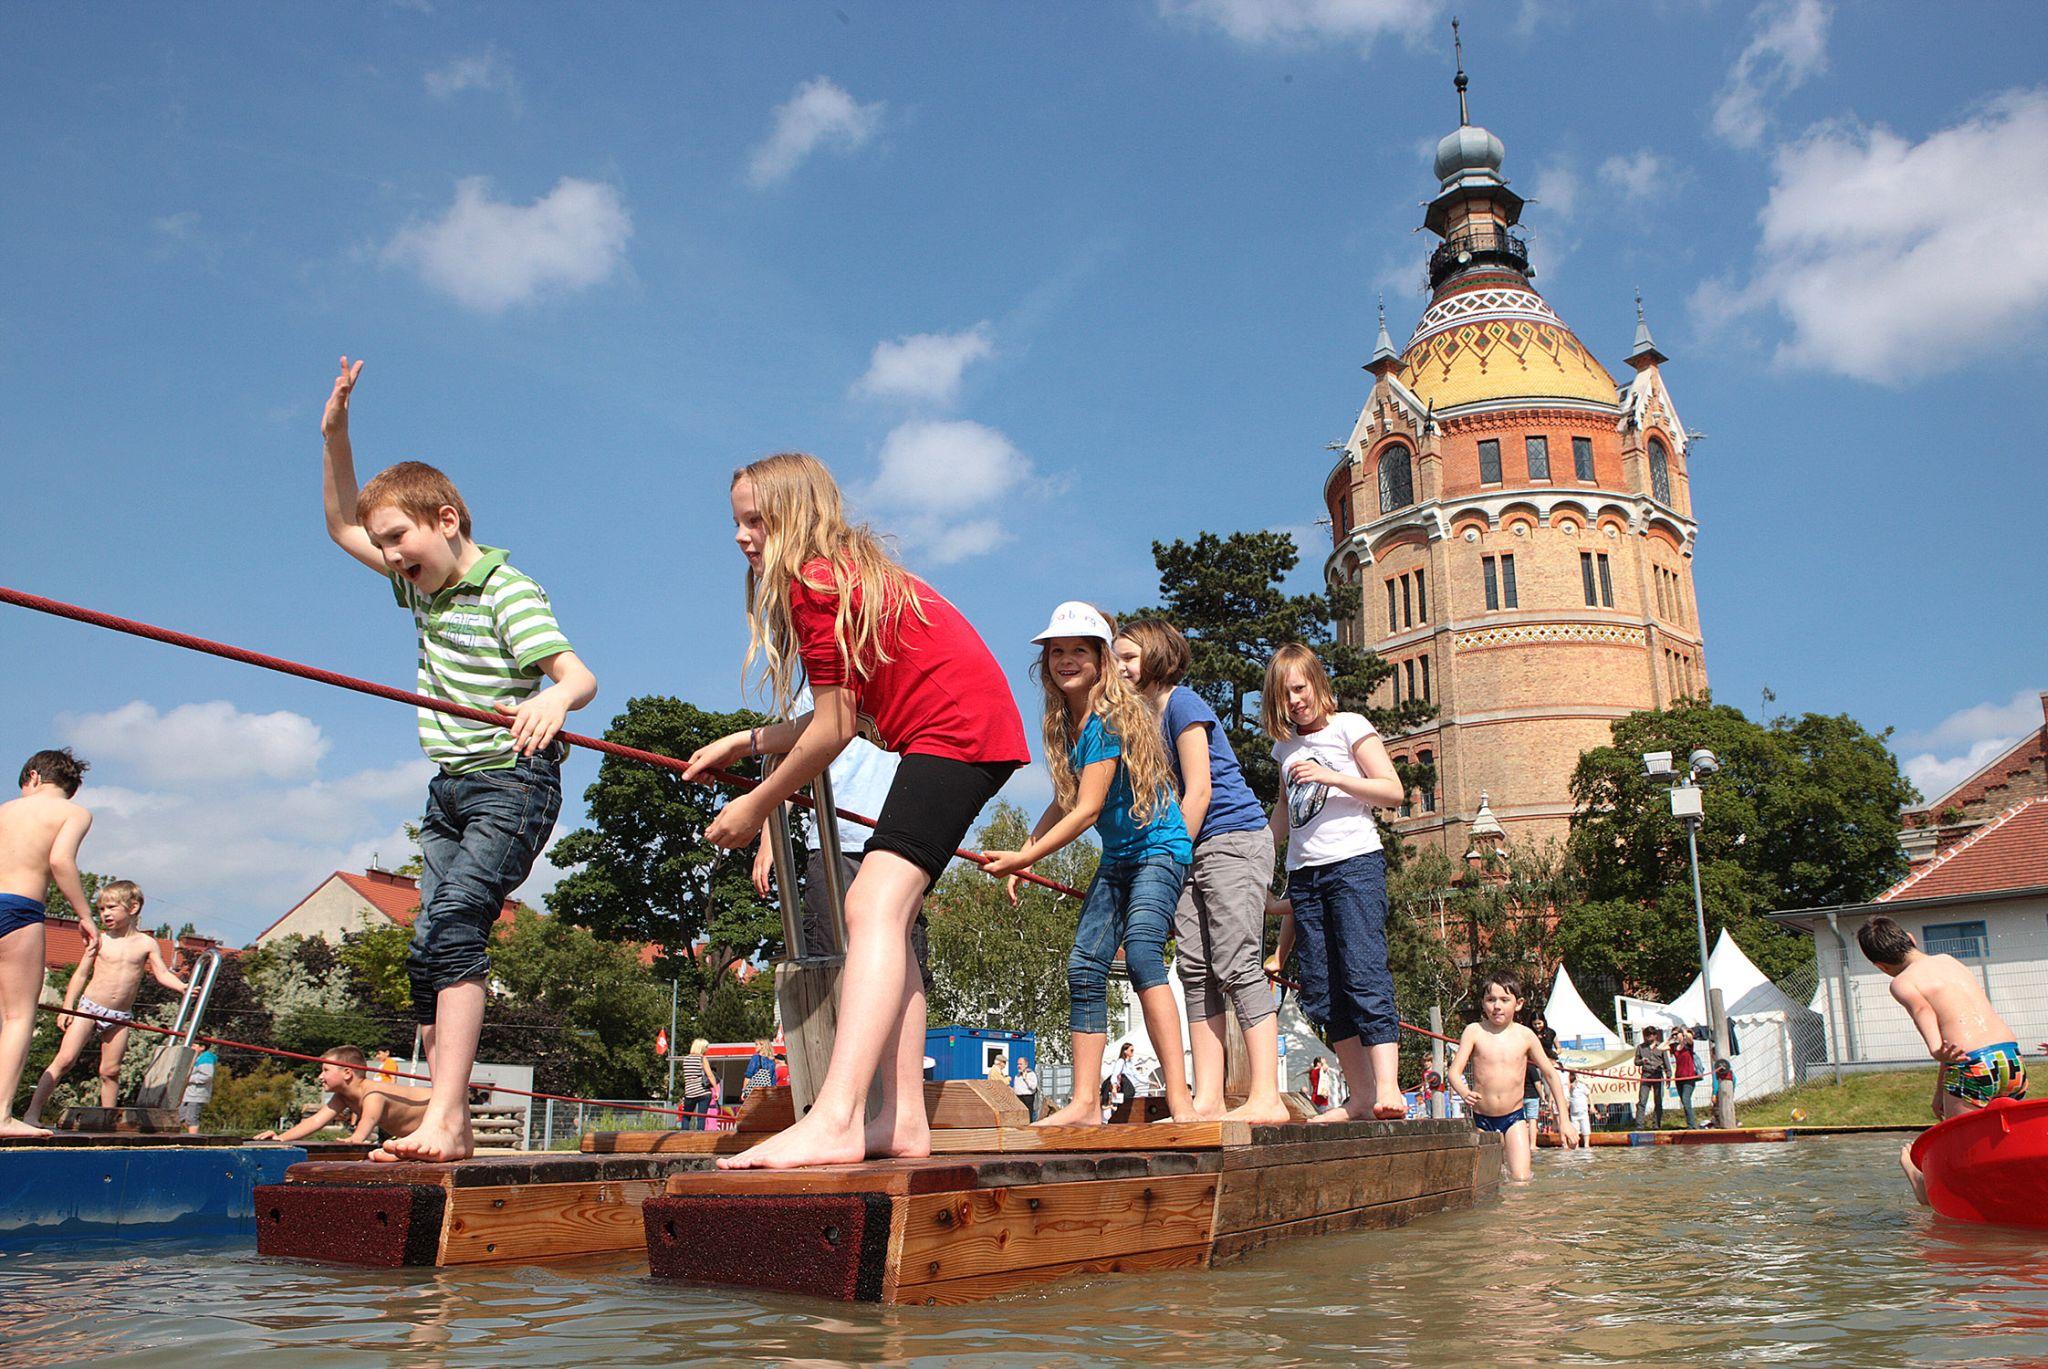 Bečka djeca uživaju u ljetnim radostima na devet vodenih igrališta